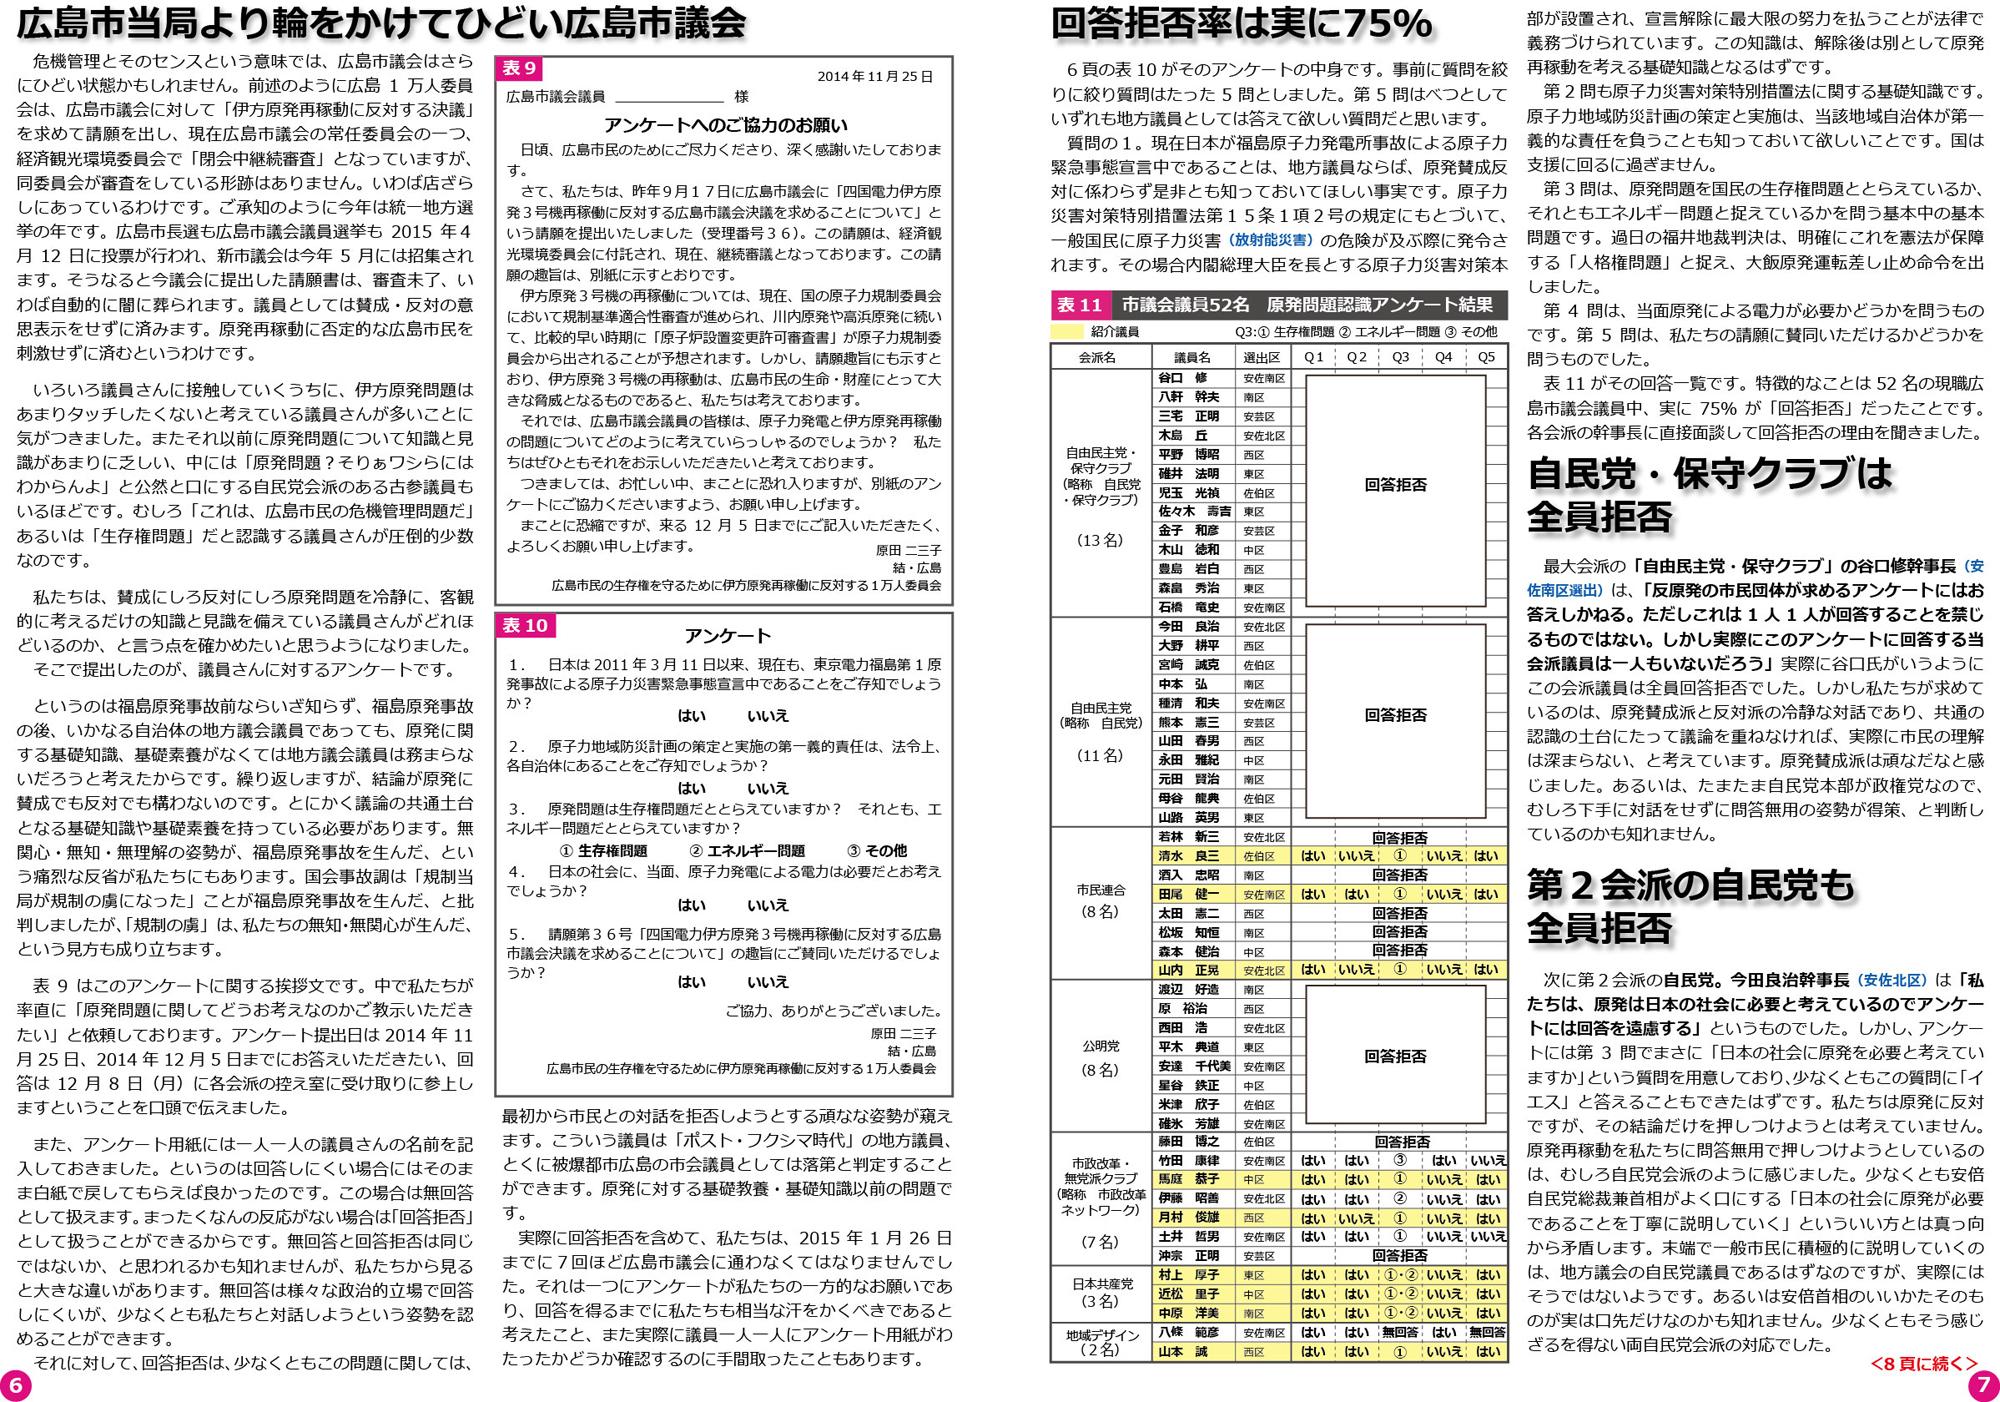 ファイル 53-4.jpg